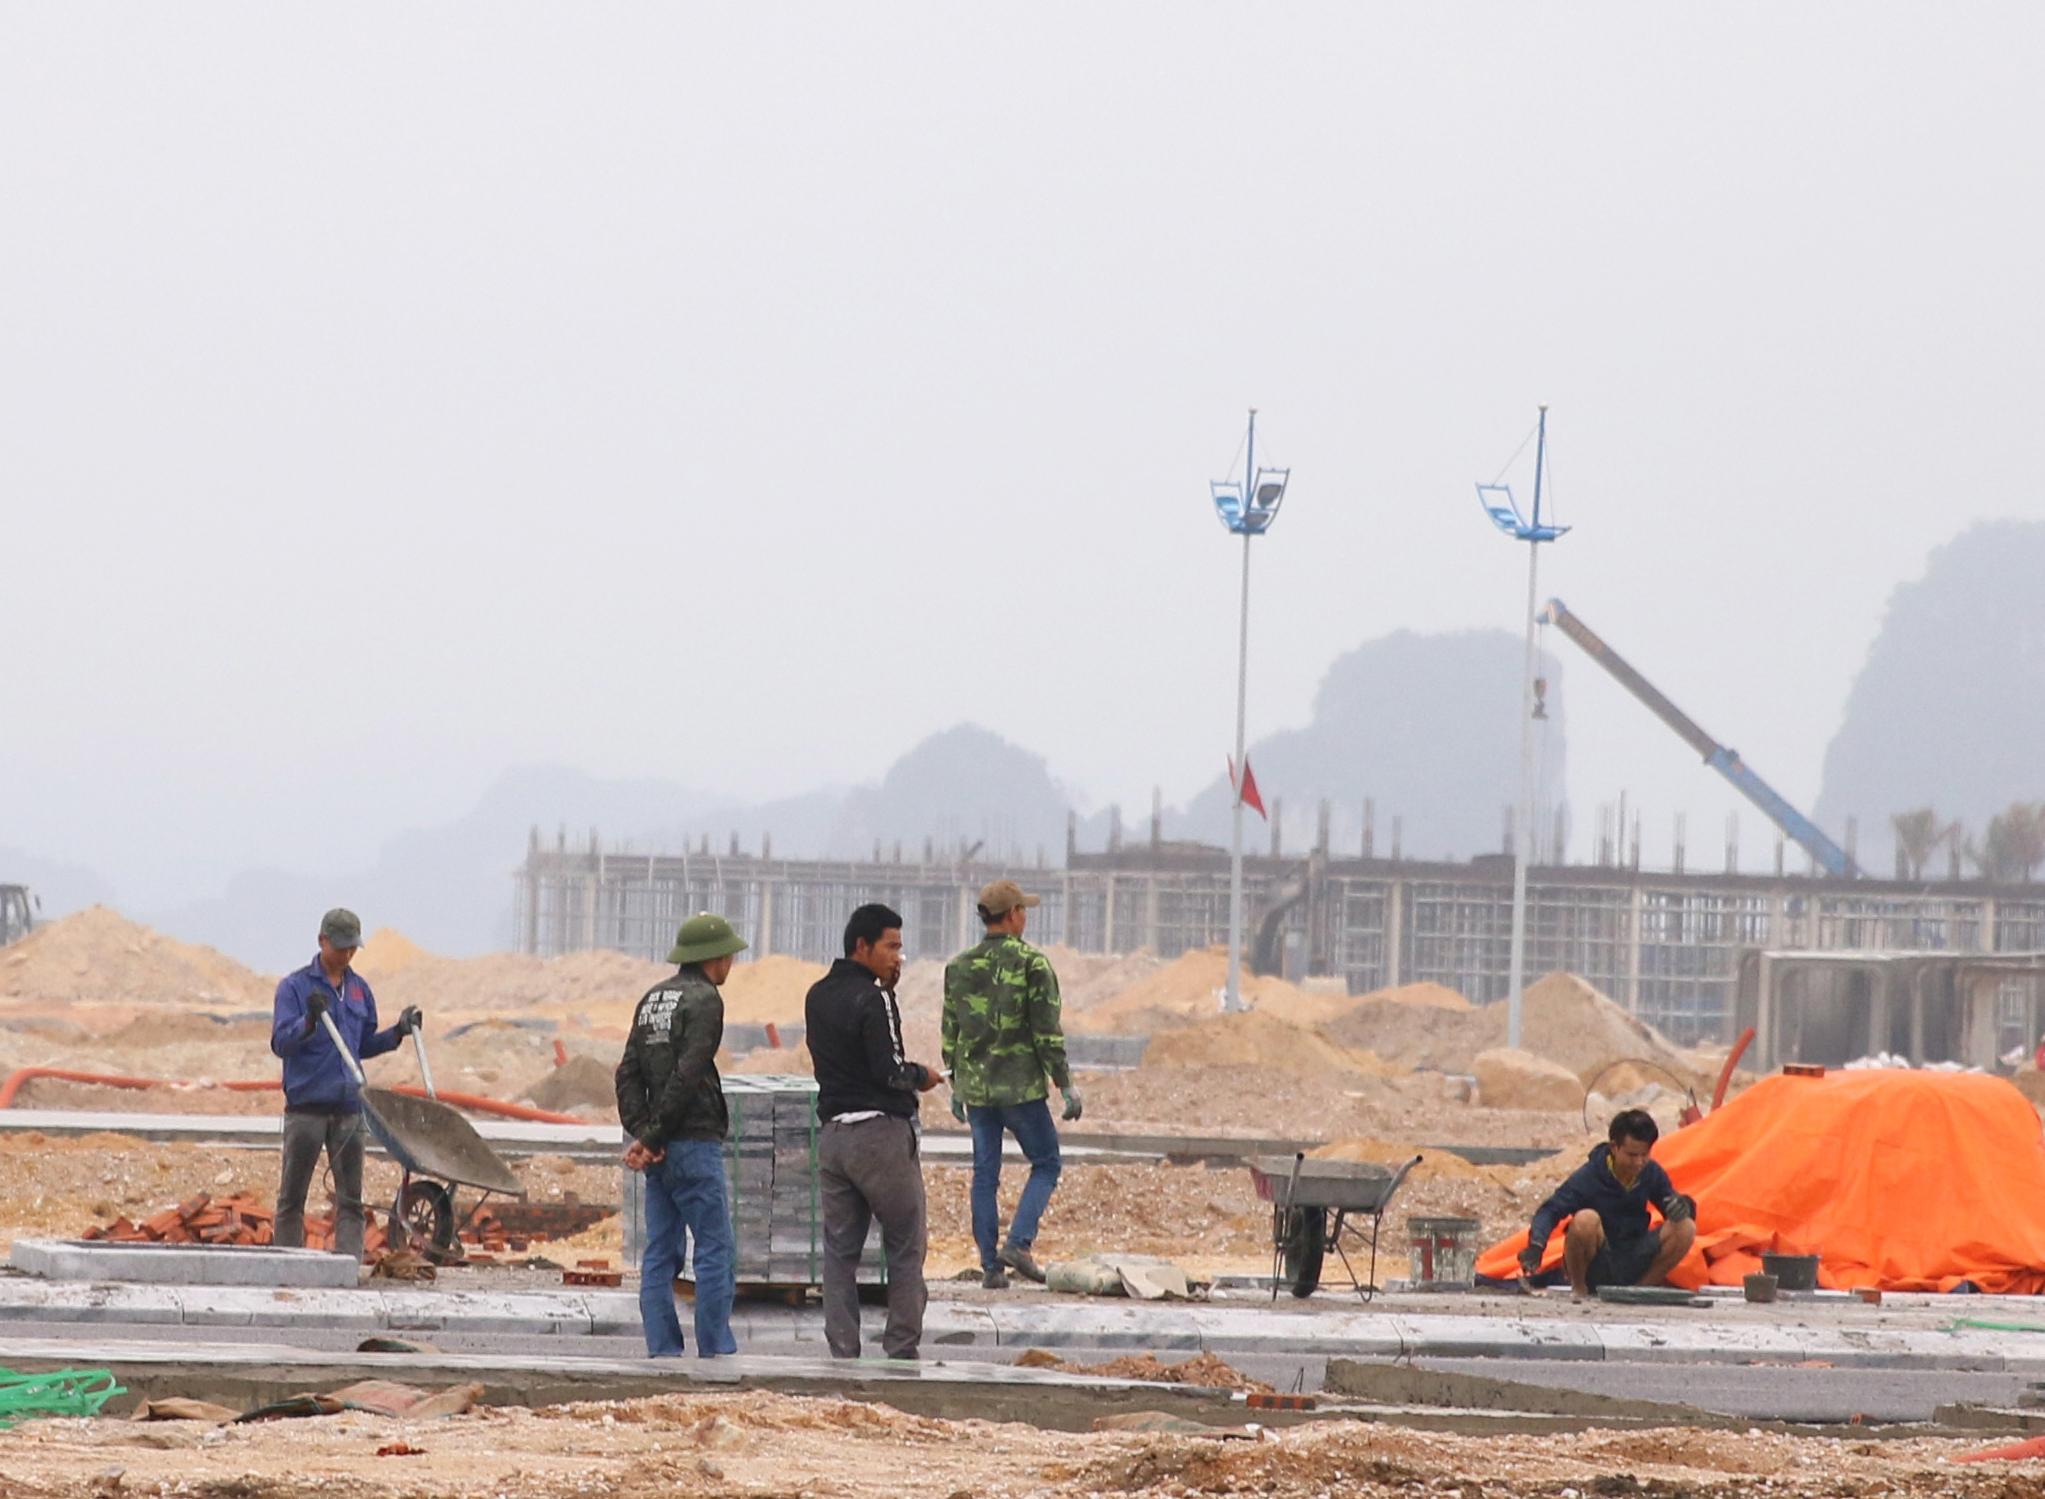 BĐS tuần qua: Liên danh Vingroup và Vinhomes sẽ có 924 ha đất trong năm nay để làm dự án Hạ Long Xanh